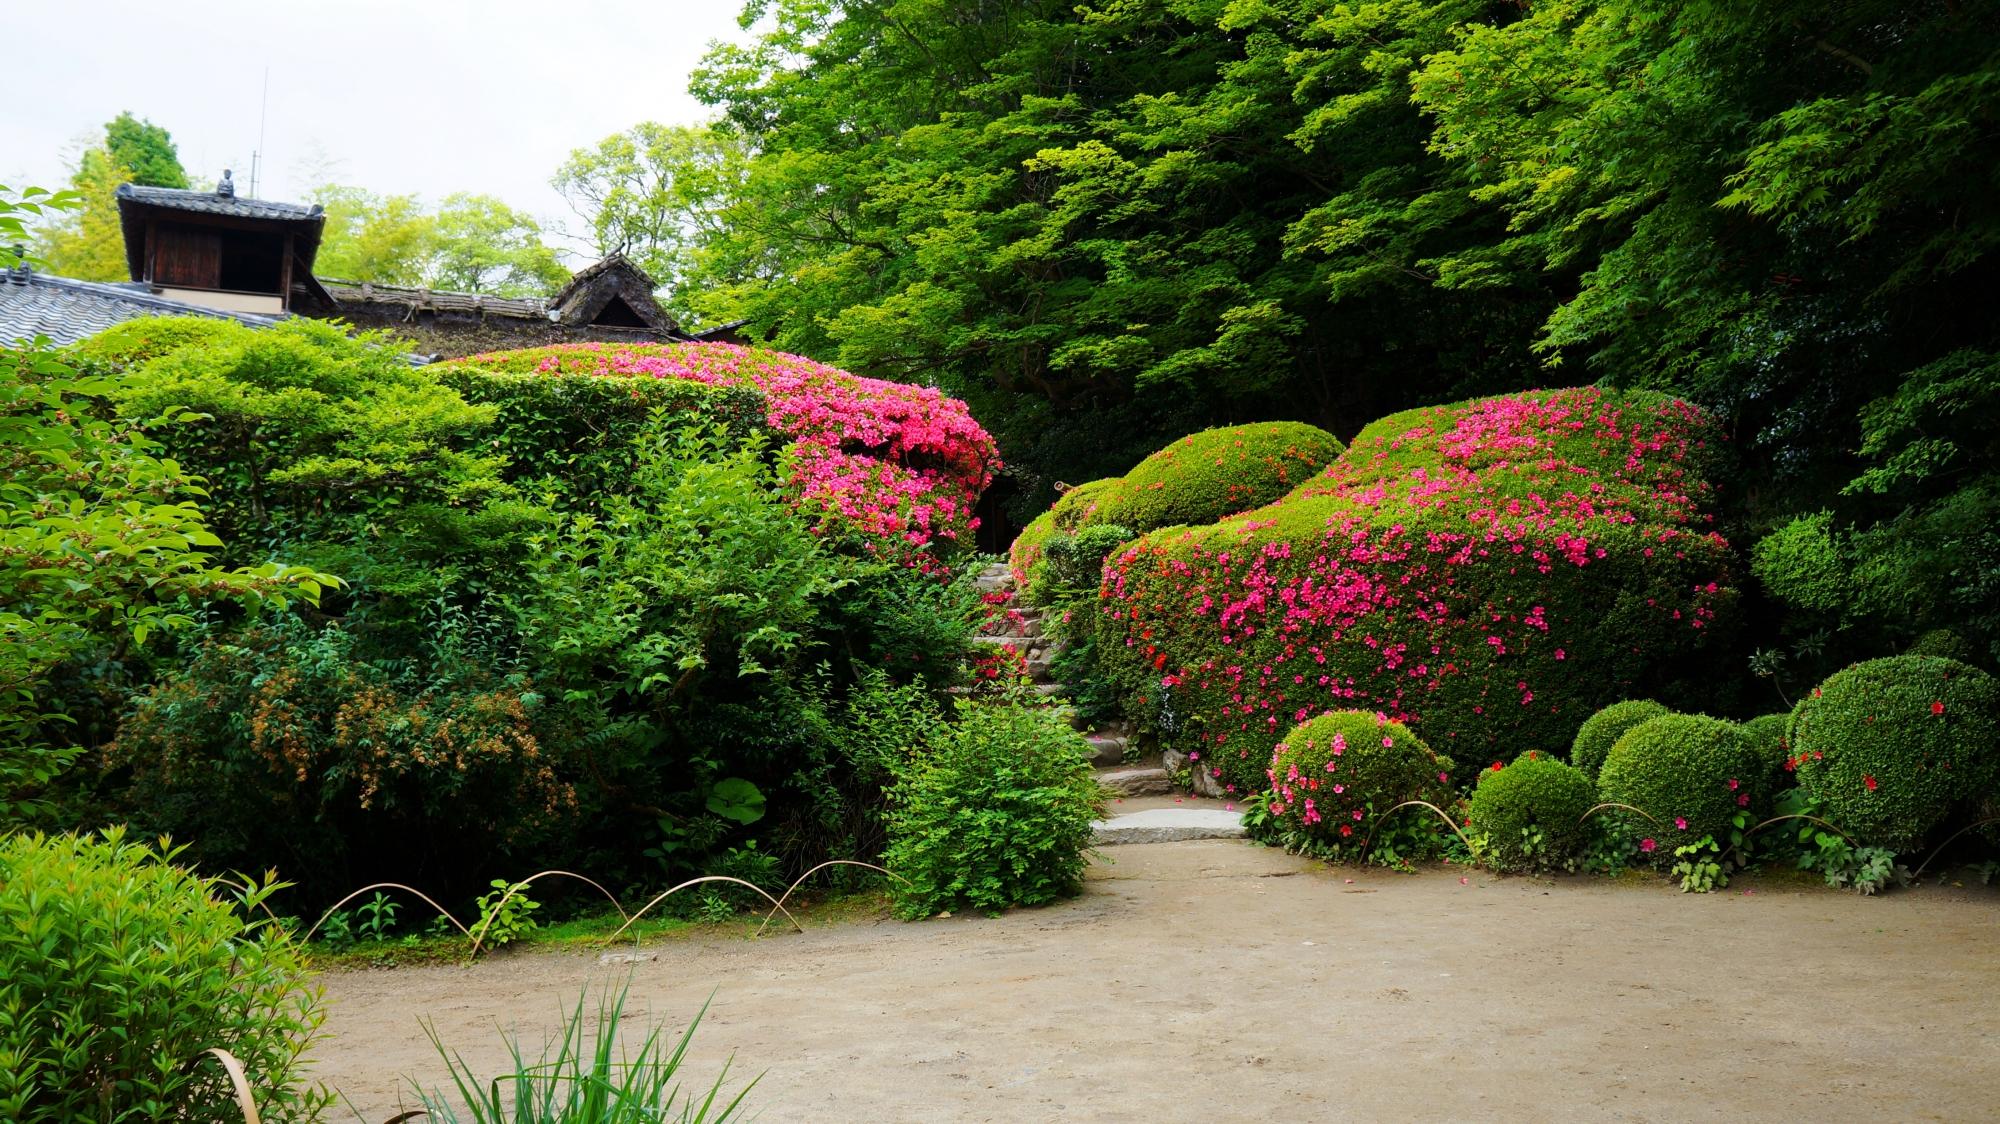 春から初夏にかけての素晴らしい彩りのサツキと嘯月楼(しょうげつろう)